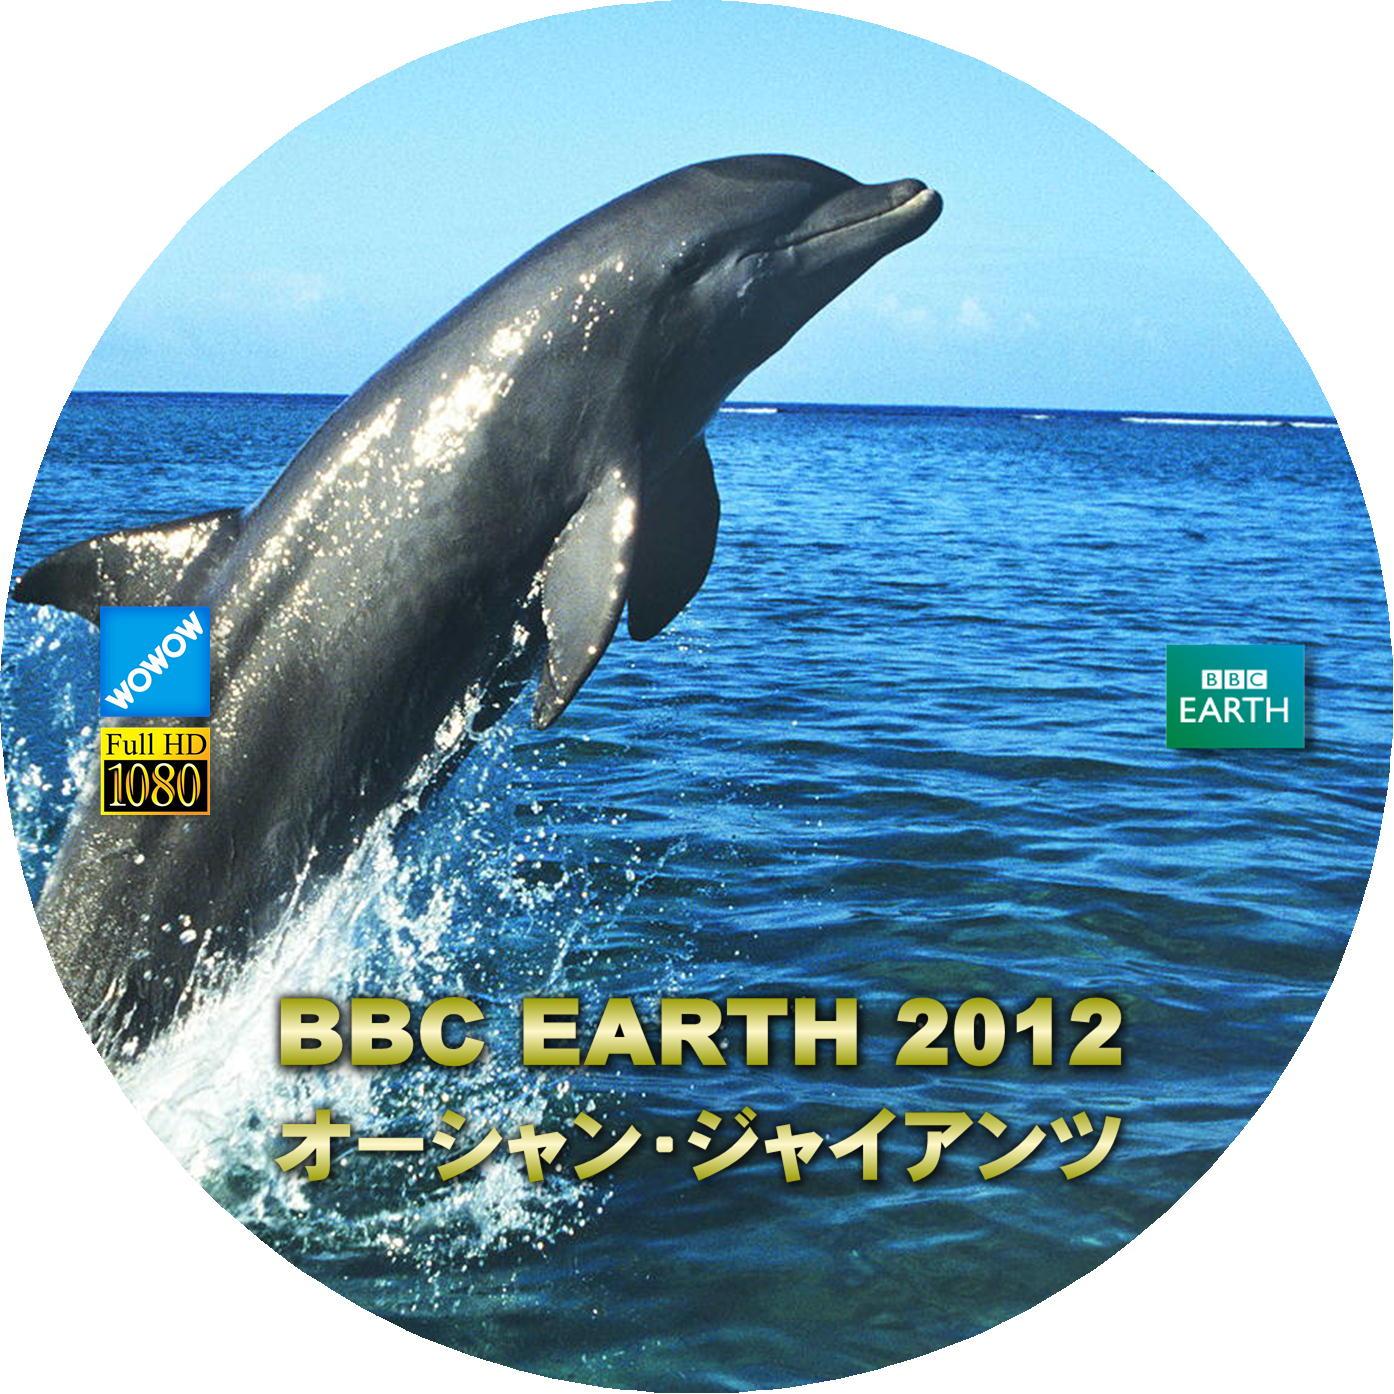 BBC EARTH 2012 オーシャン・ジャイアンツ | レーベル